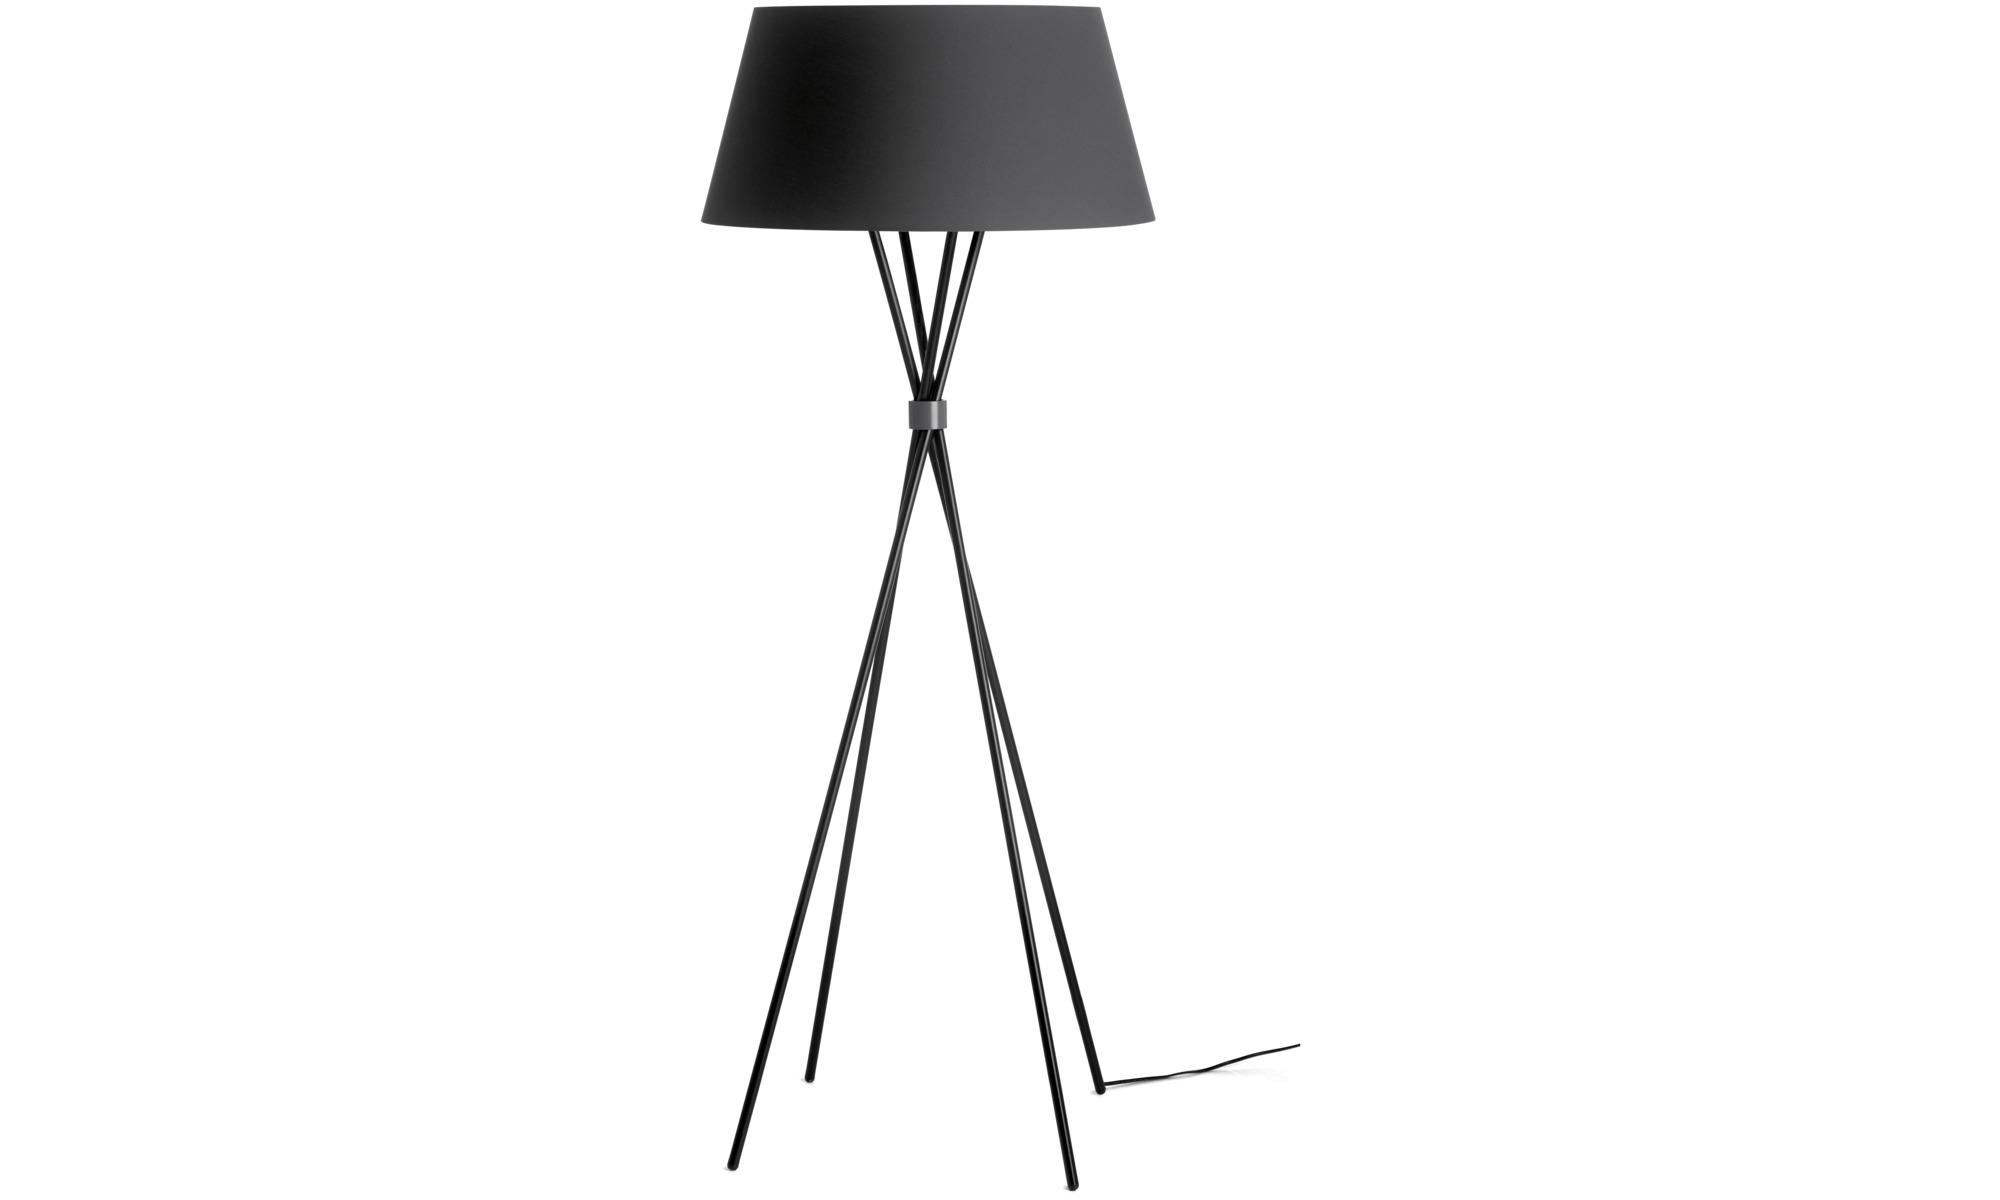 Lampen - Main vloerlamp - Metaal